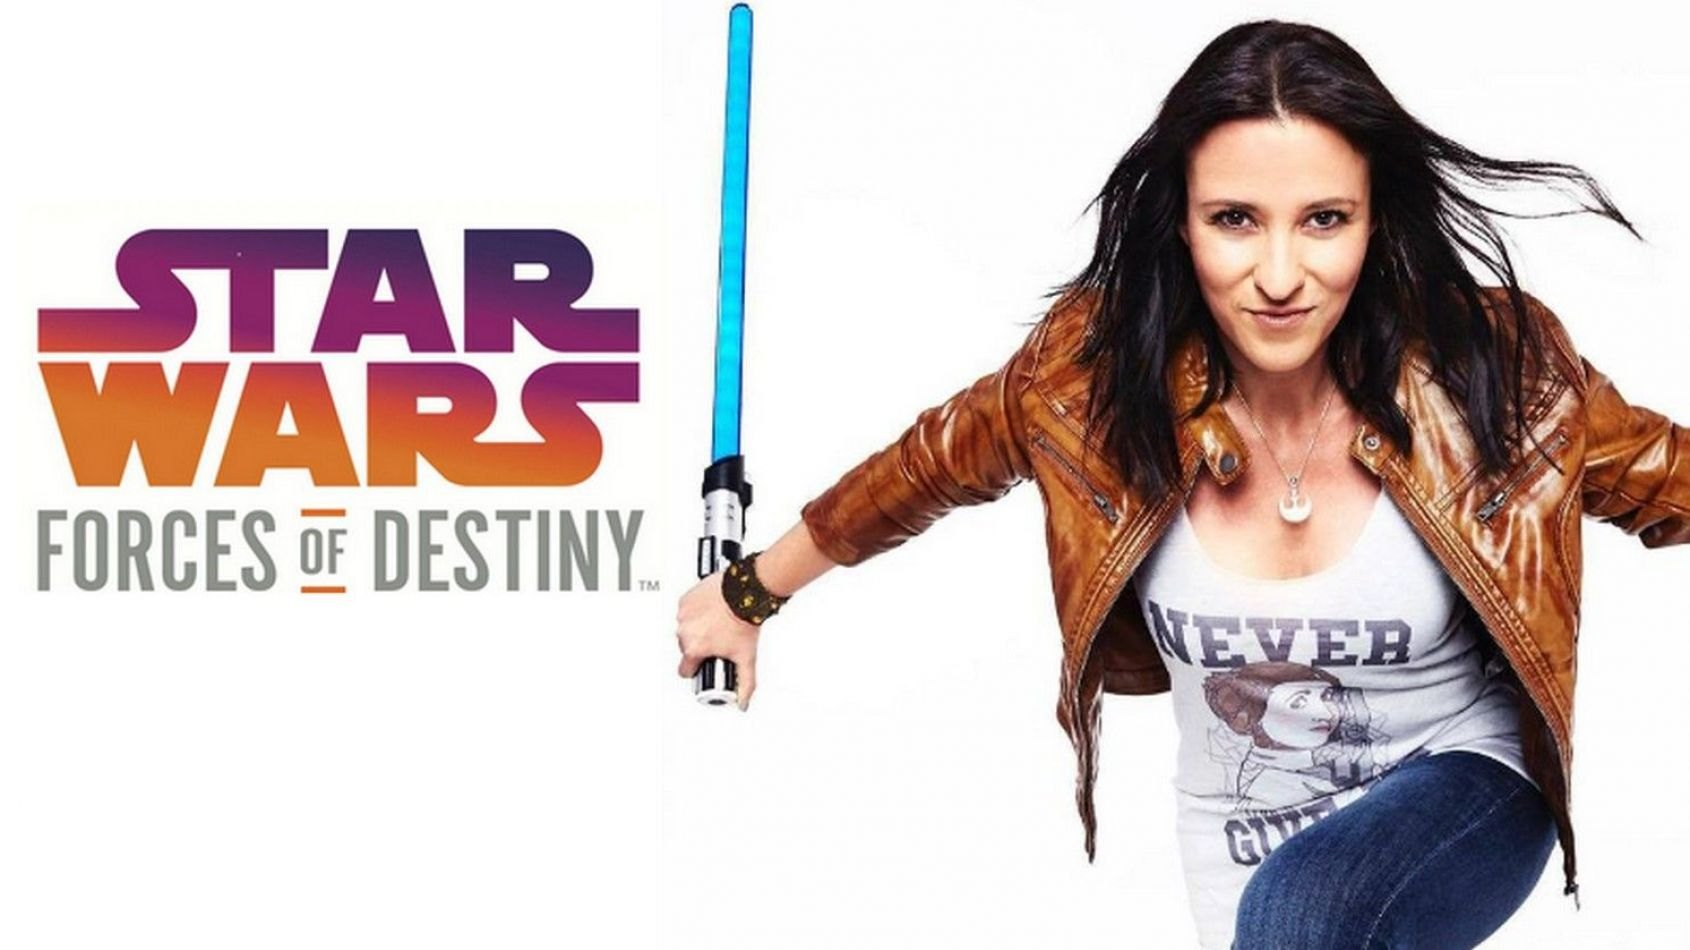 Jennifer Muro parle de Star Wars: Forces of Destiny